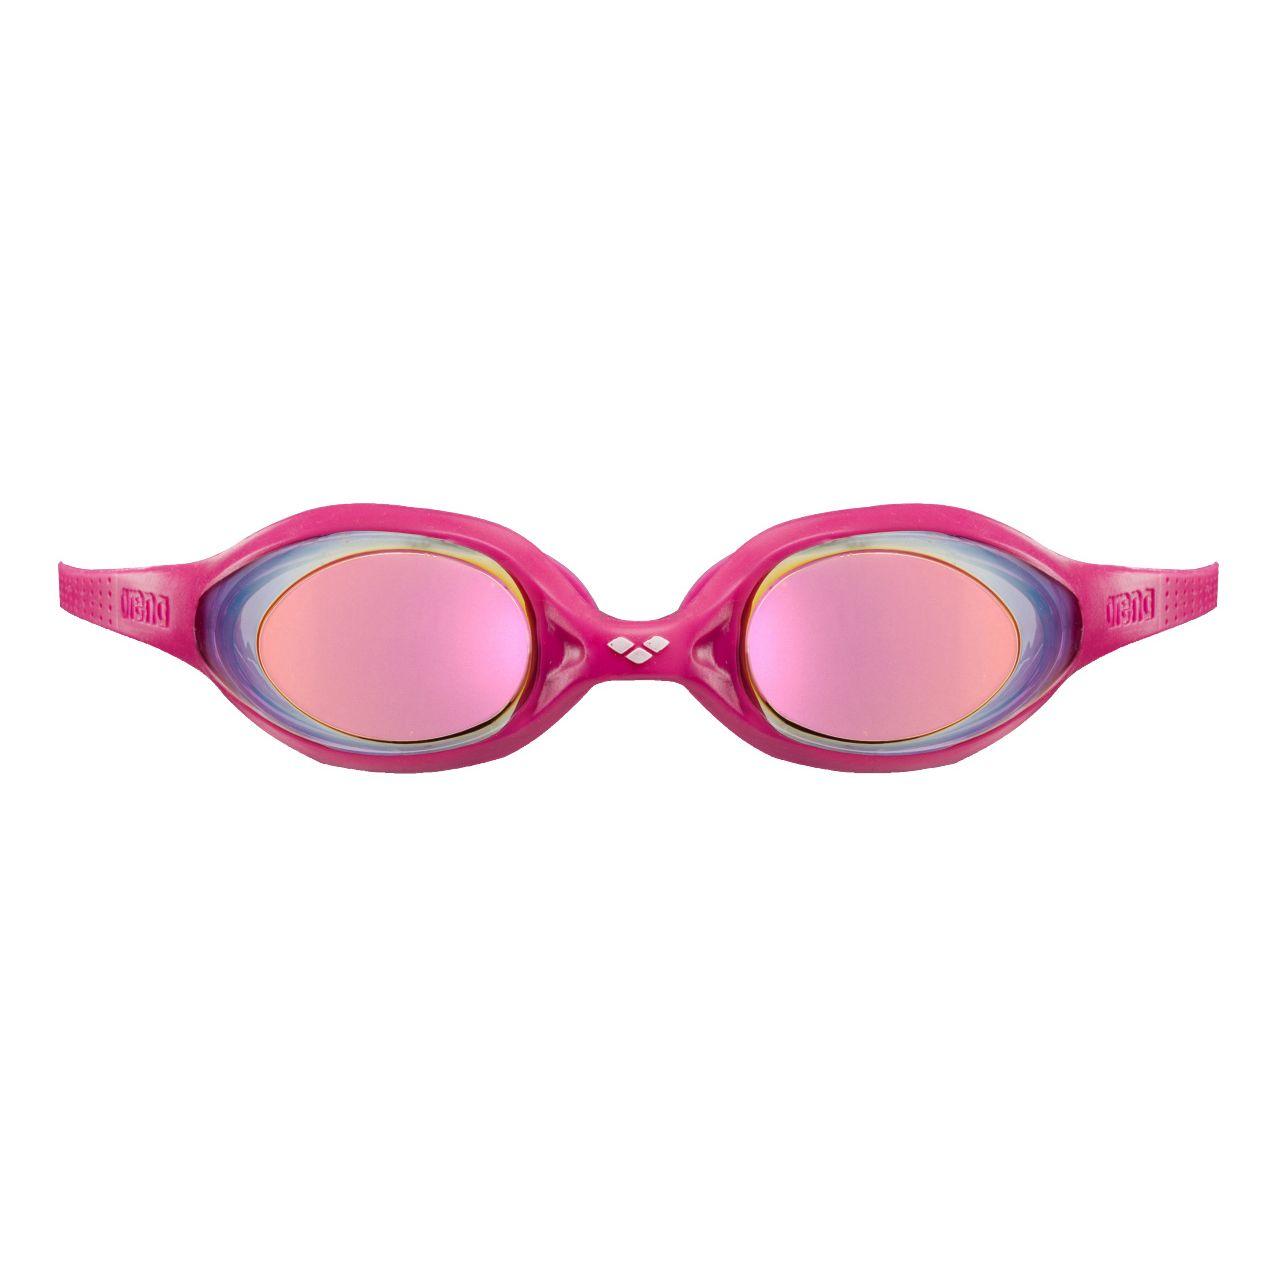 Goggles de Natación arena para Niños Spider Junior Mirror_6584